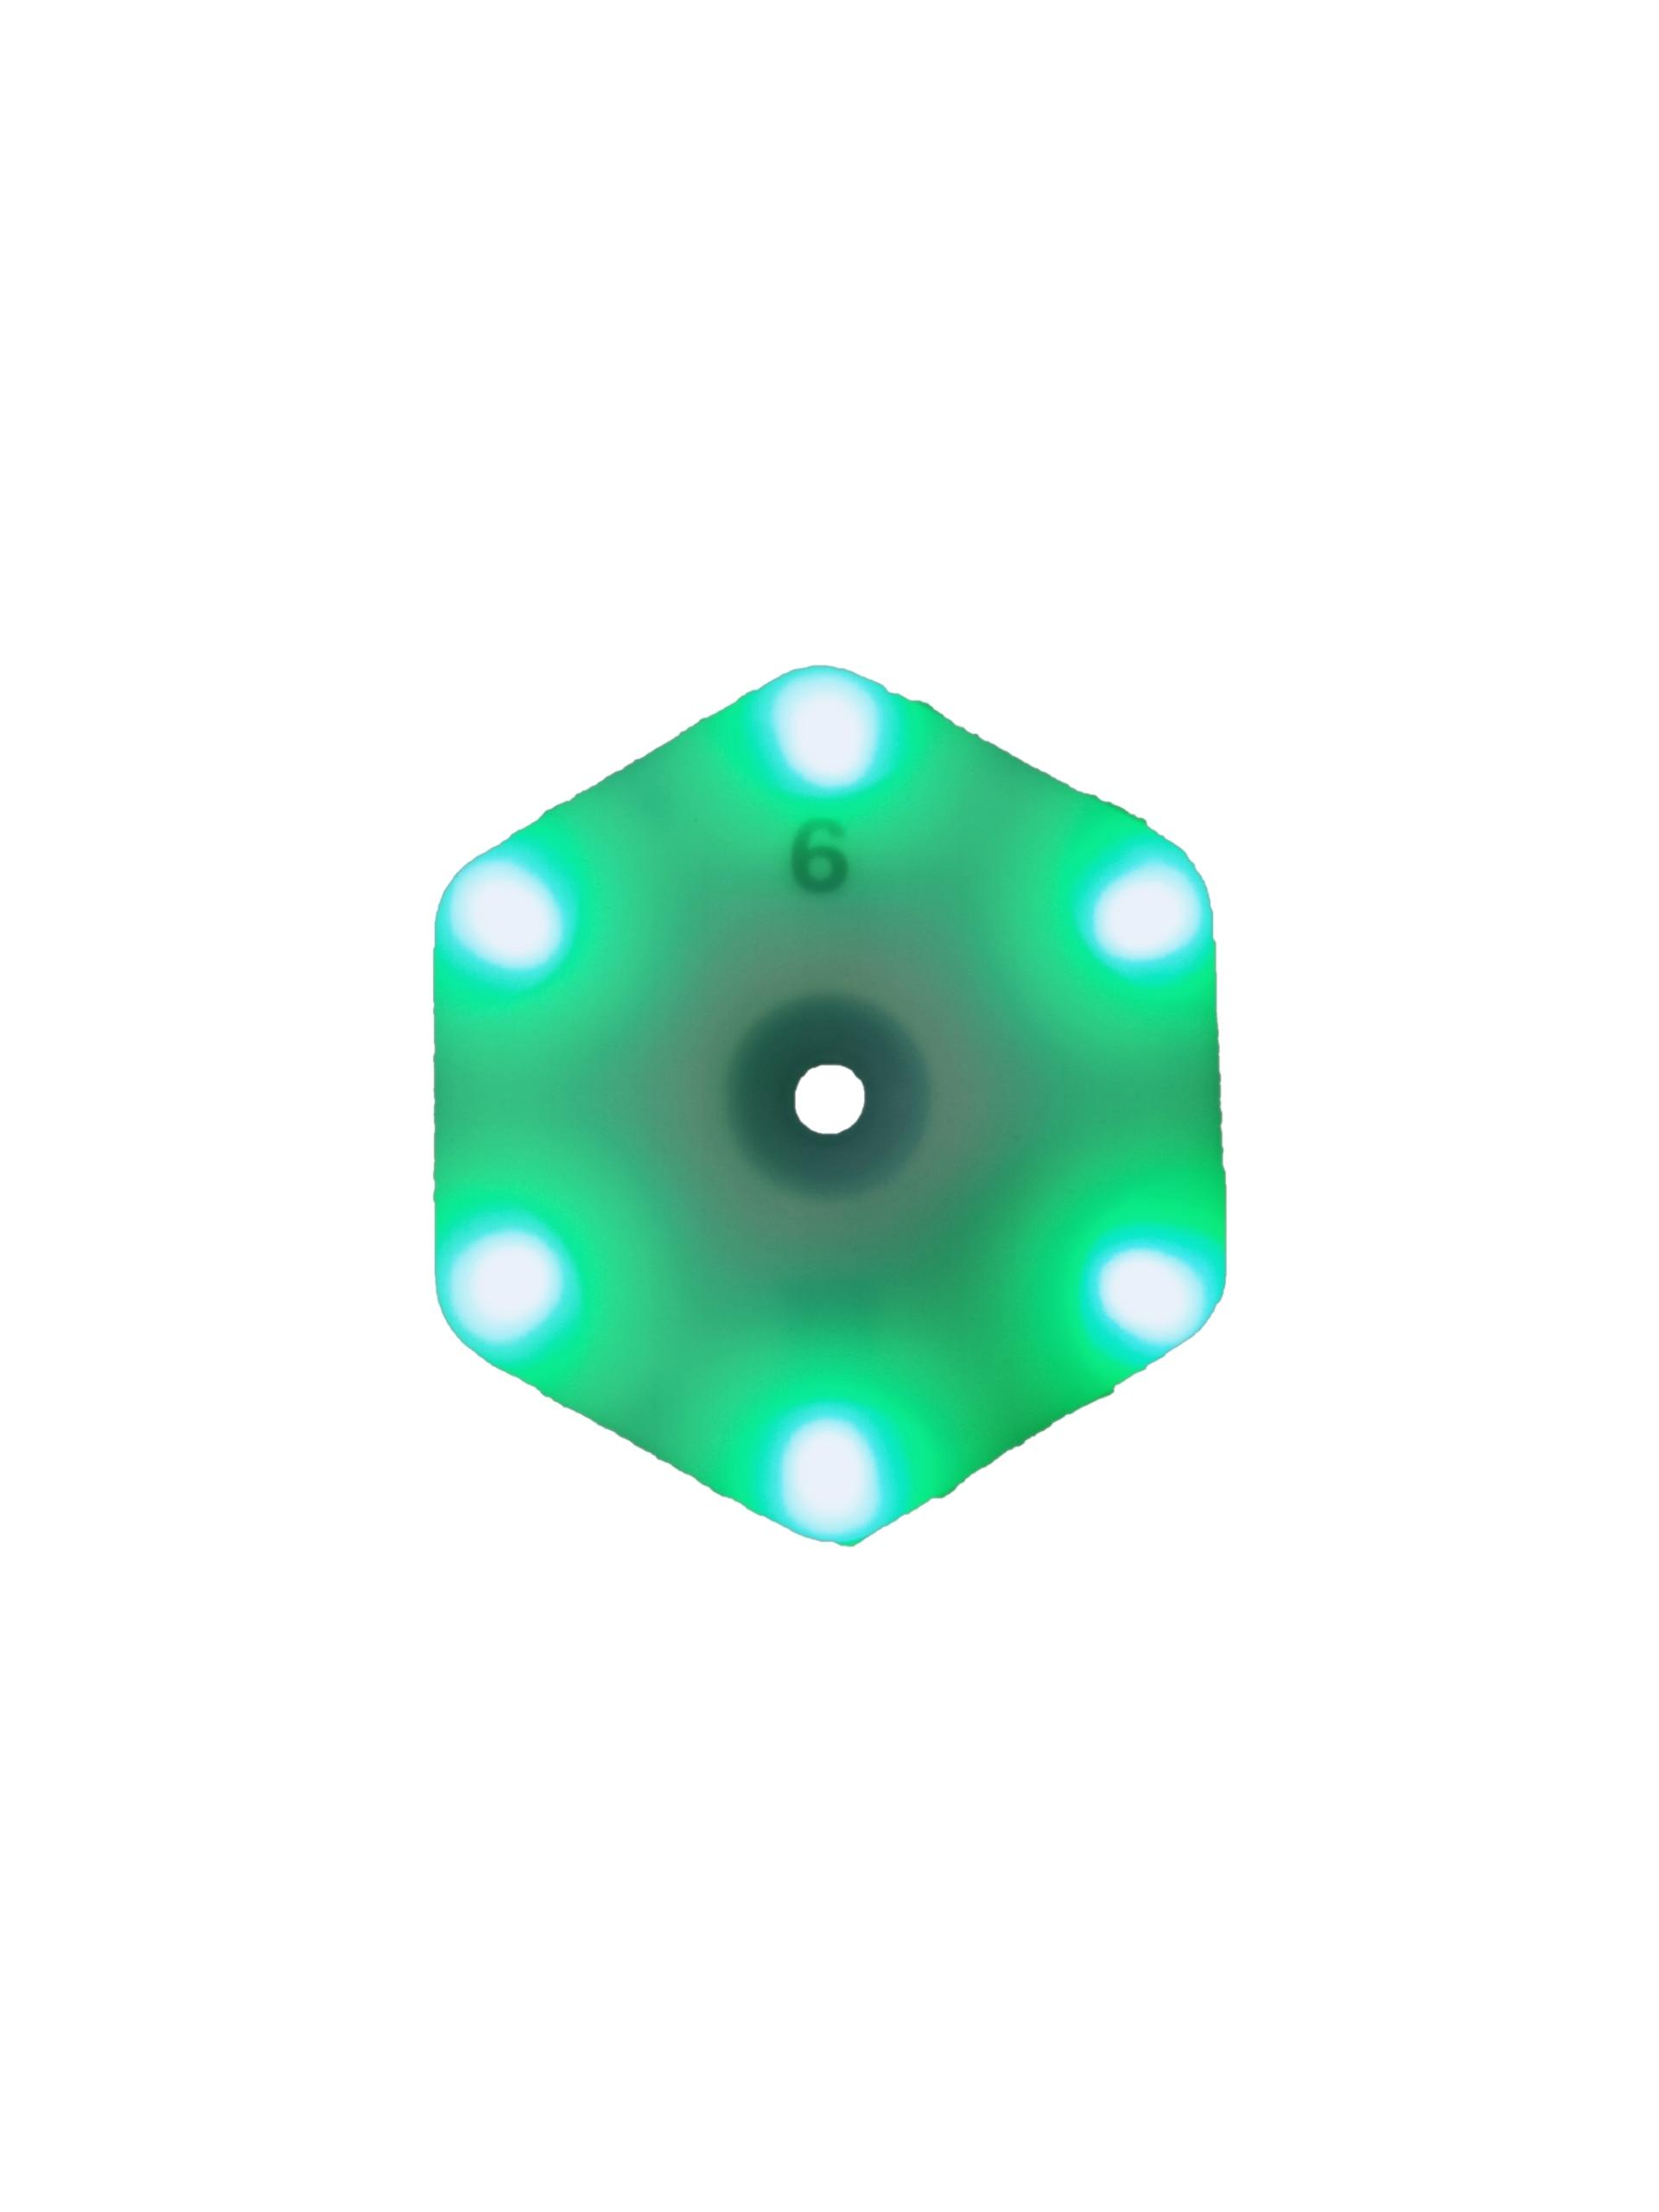 Équipement de réponse d'agilité de vitesse de lampe d'entraînement de réaction de queling】 réaction fitlight blazepod siboasi - 5